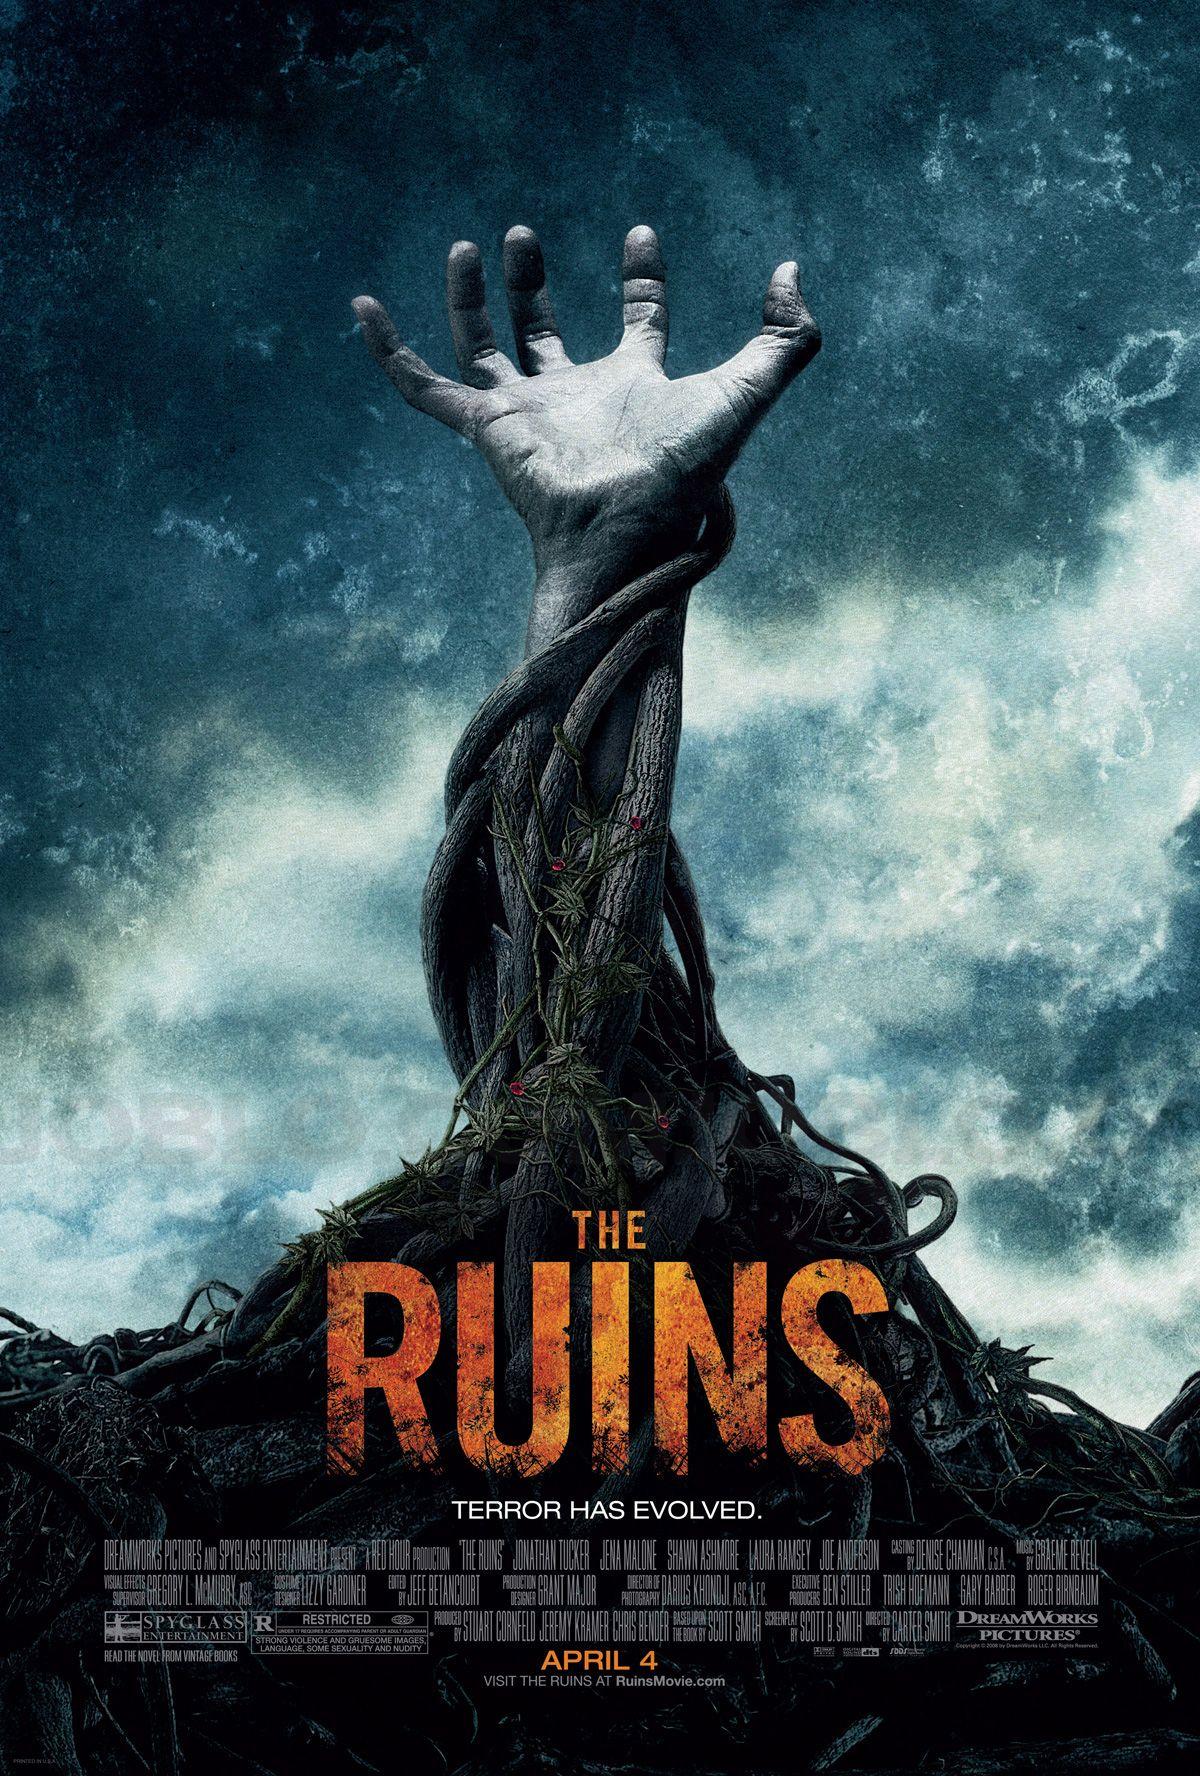 The Ruins 2008 Filmes De Terror Carter Smith Filmes